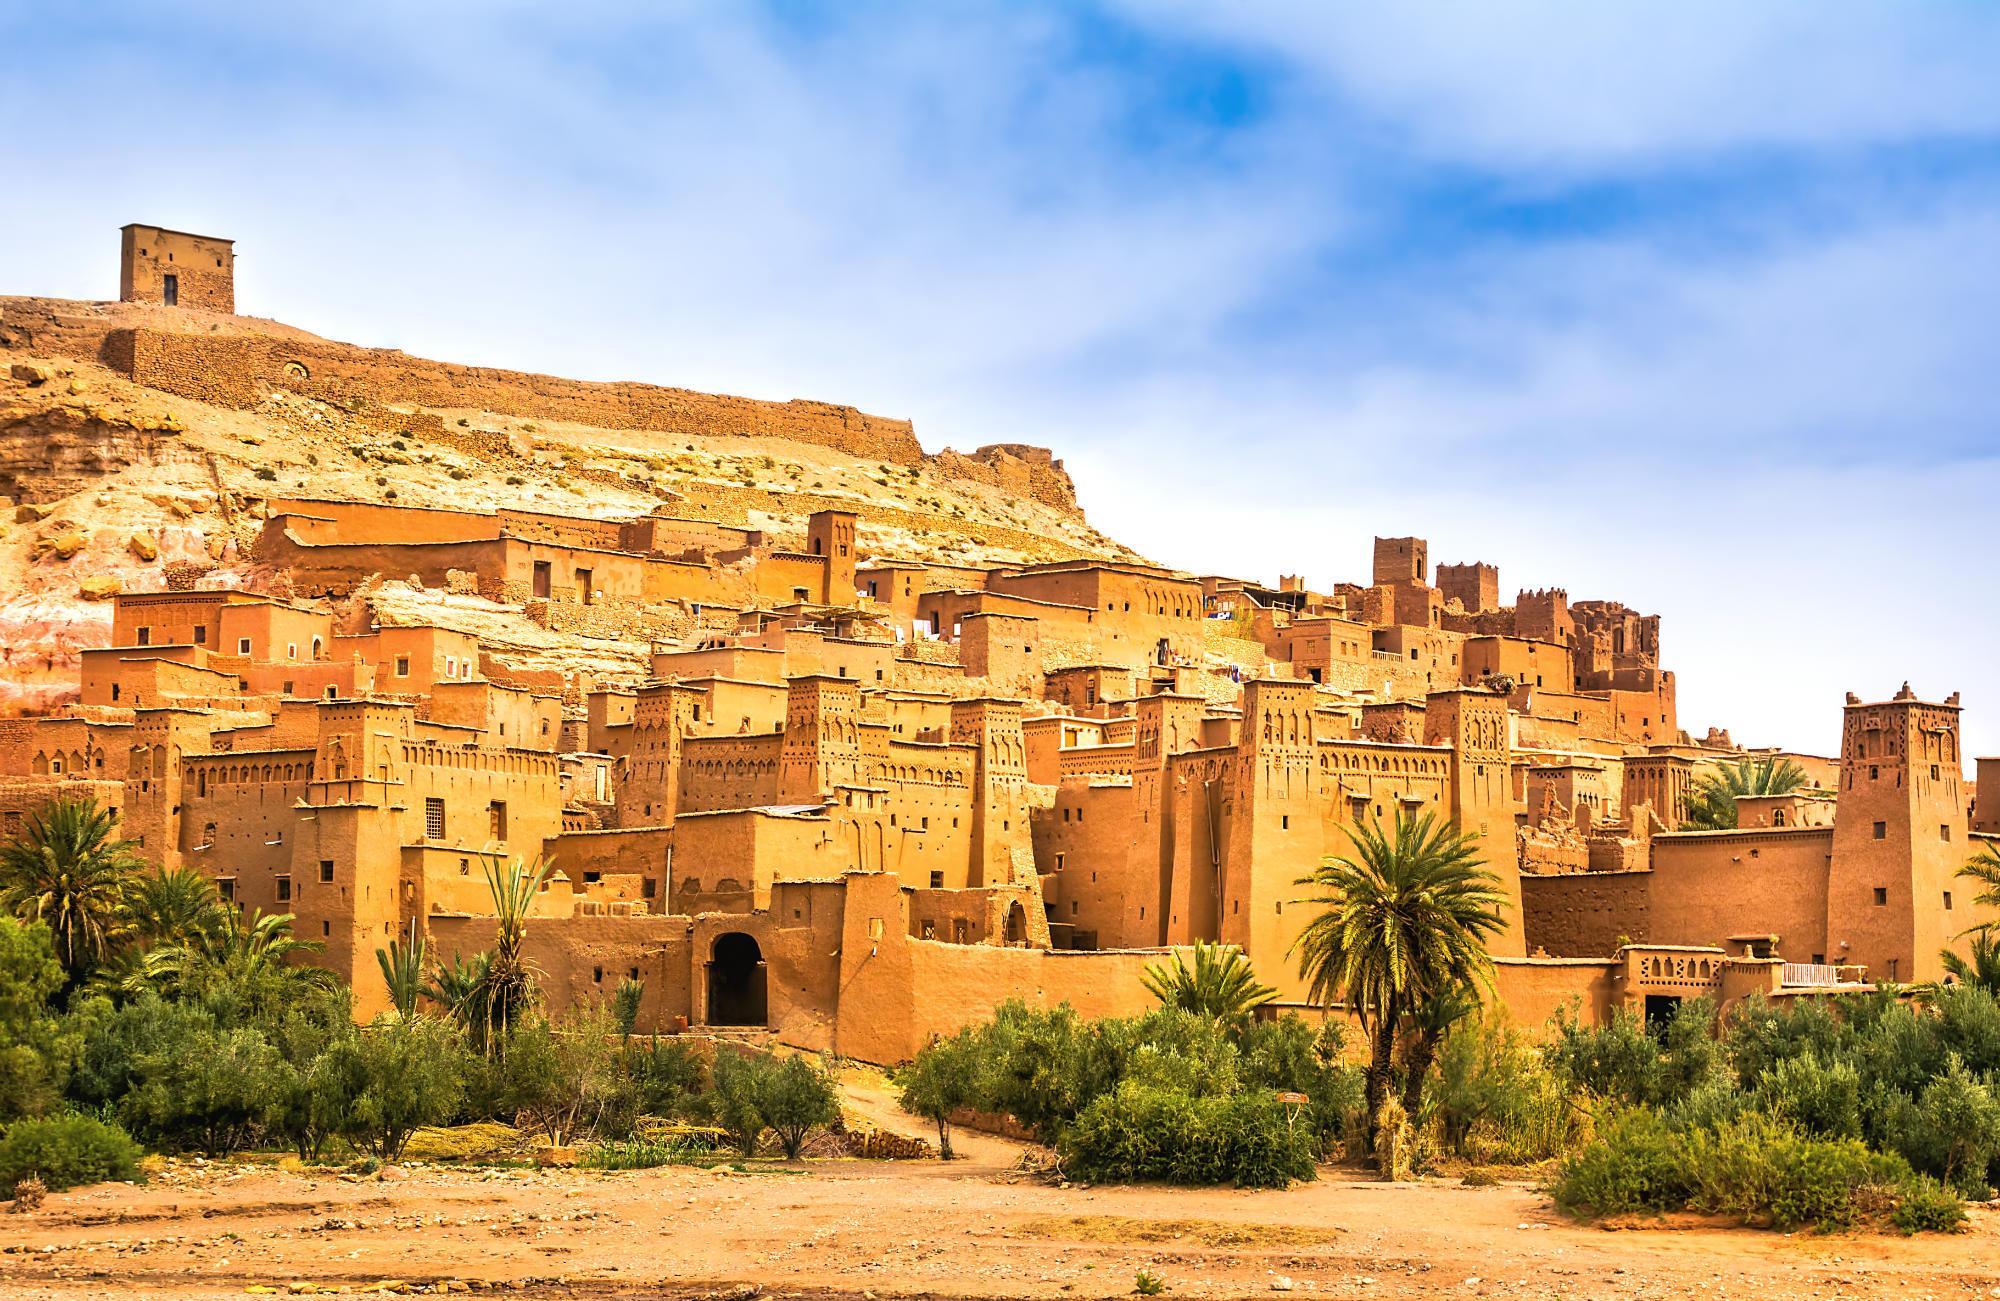 Tour delle citta imperiali marocco casablanca marocco - Marocco casablanca ...